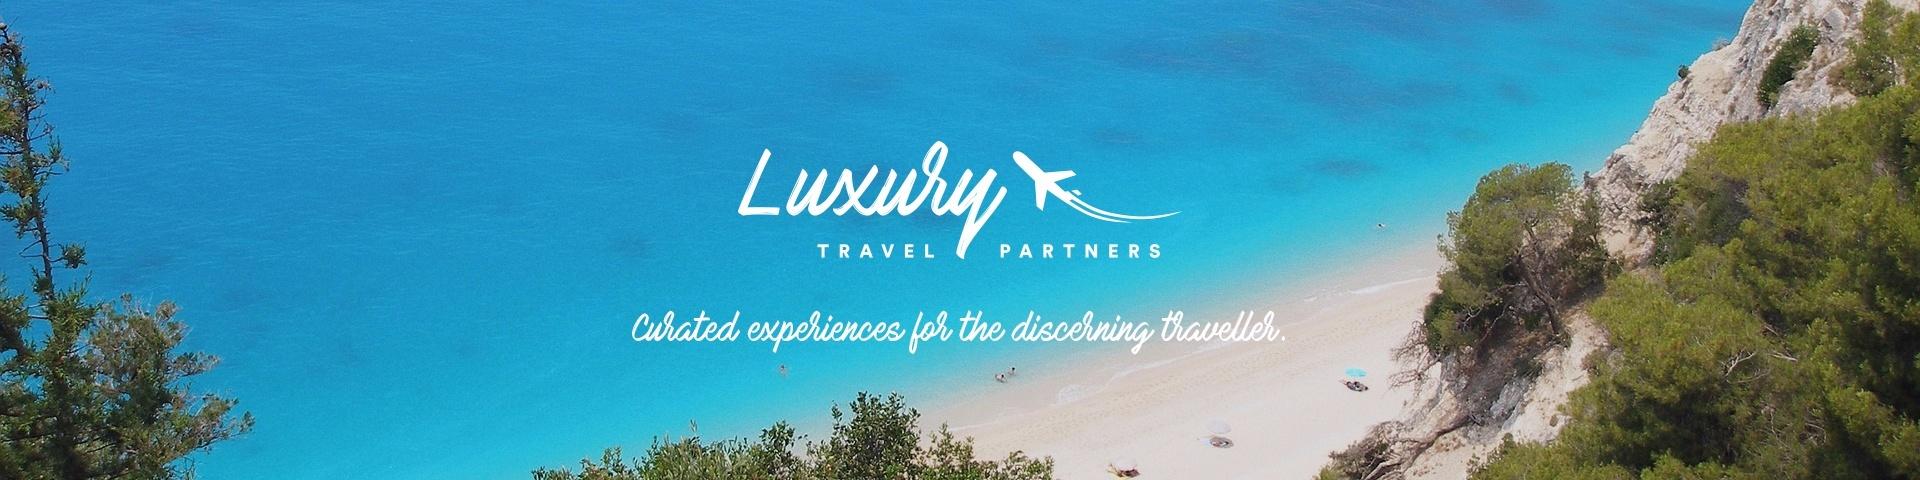 Luxury Travel Partners